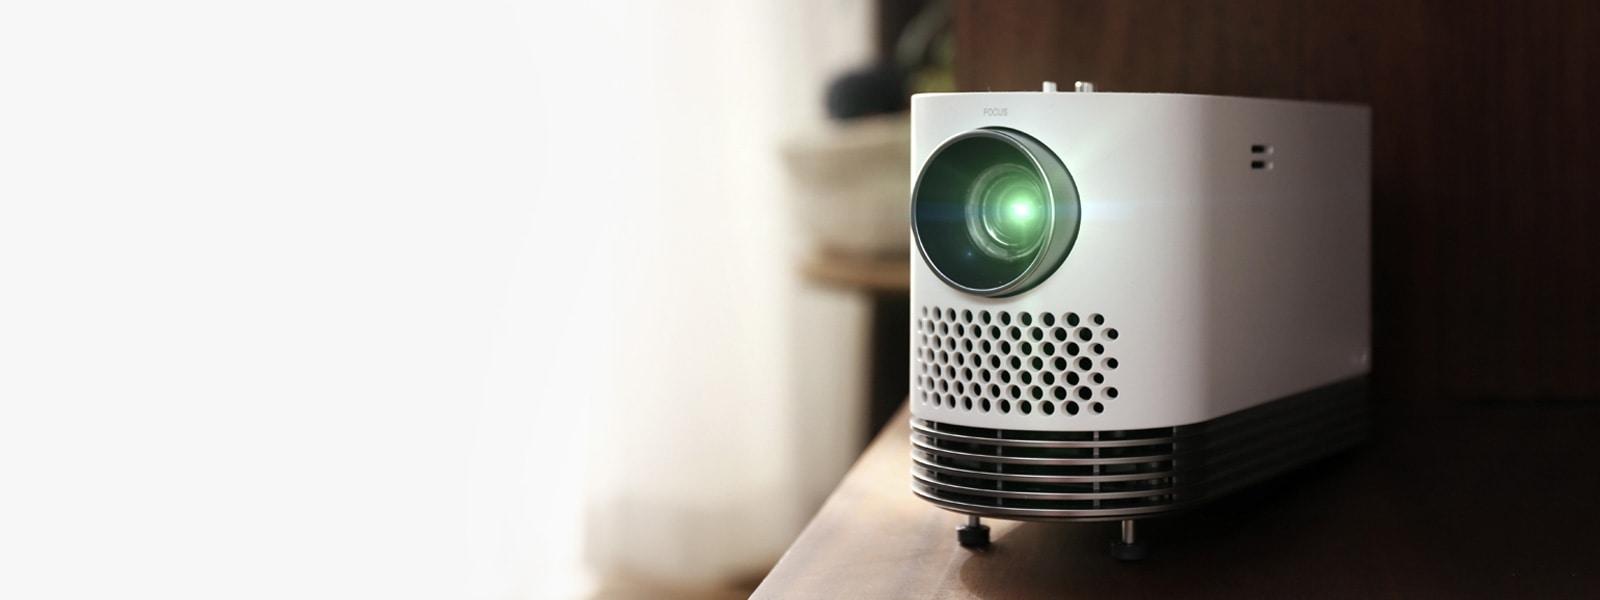 Videoprojecteur Avec Tuner Tv vidéoprojecteur beamers | lecteurs vidéo lg | lg belgique